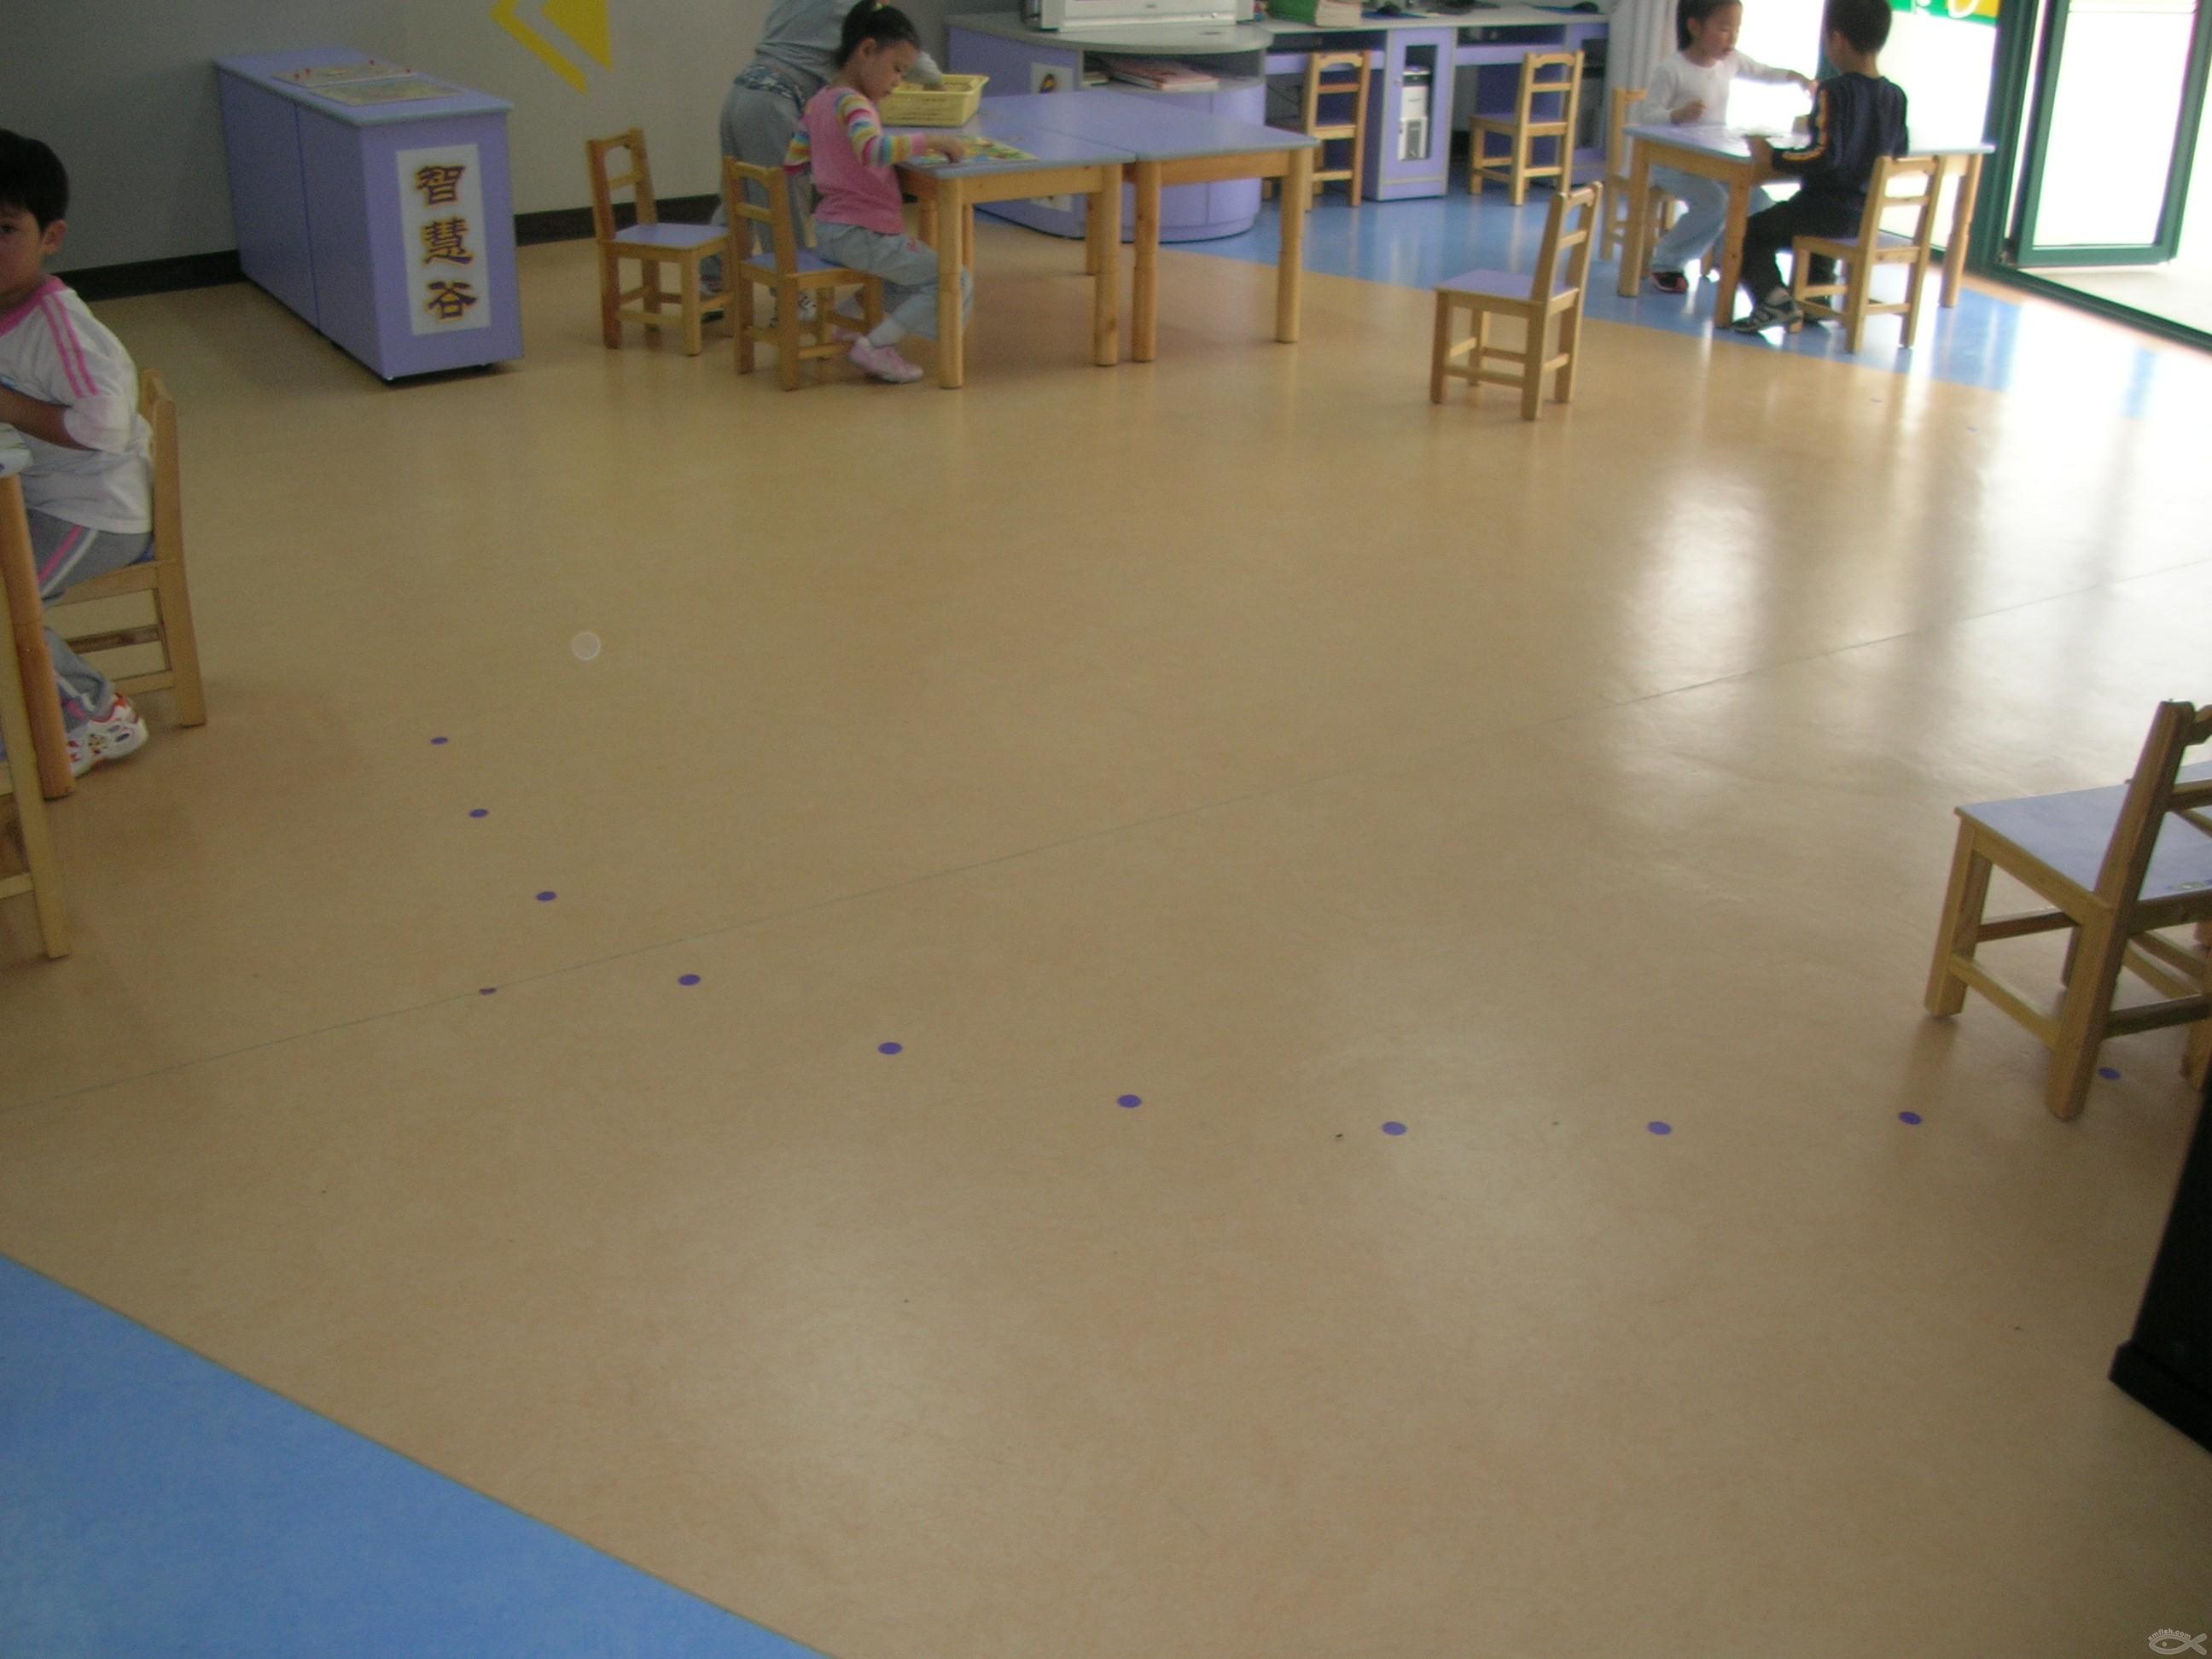 销售:学校pvc地板,幼儿园地胶,培训中心pvc塑胶地板